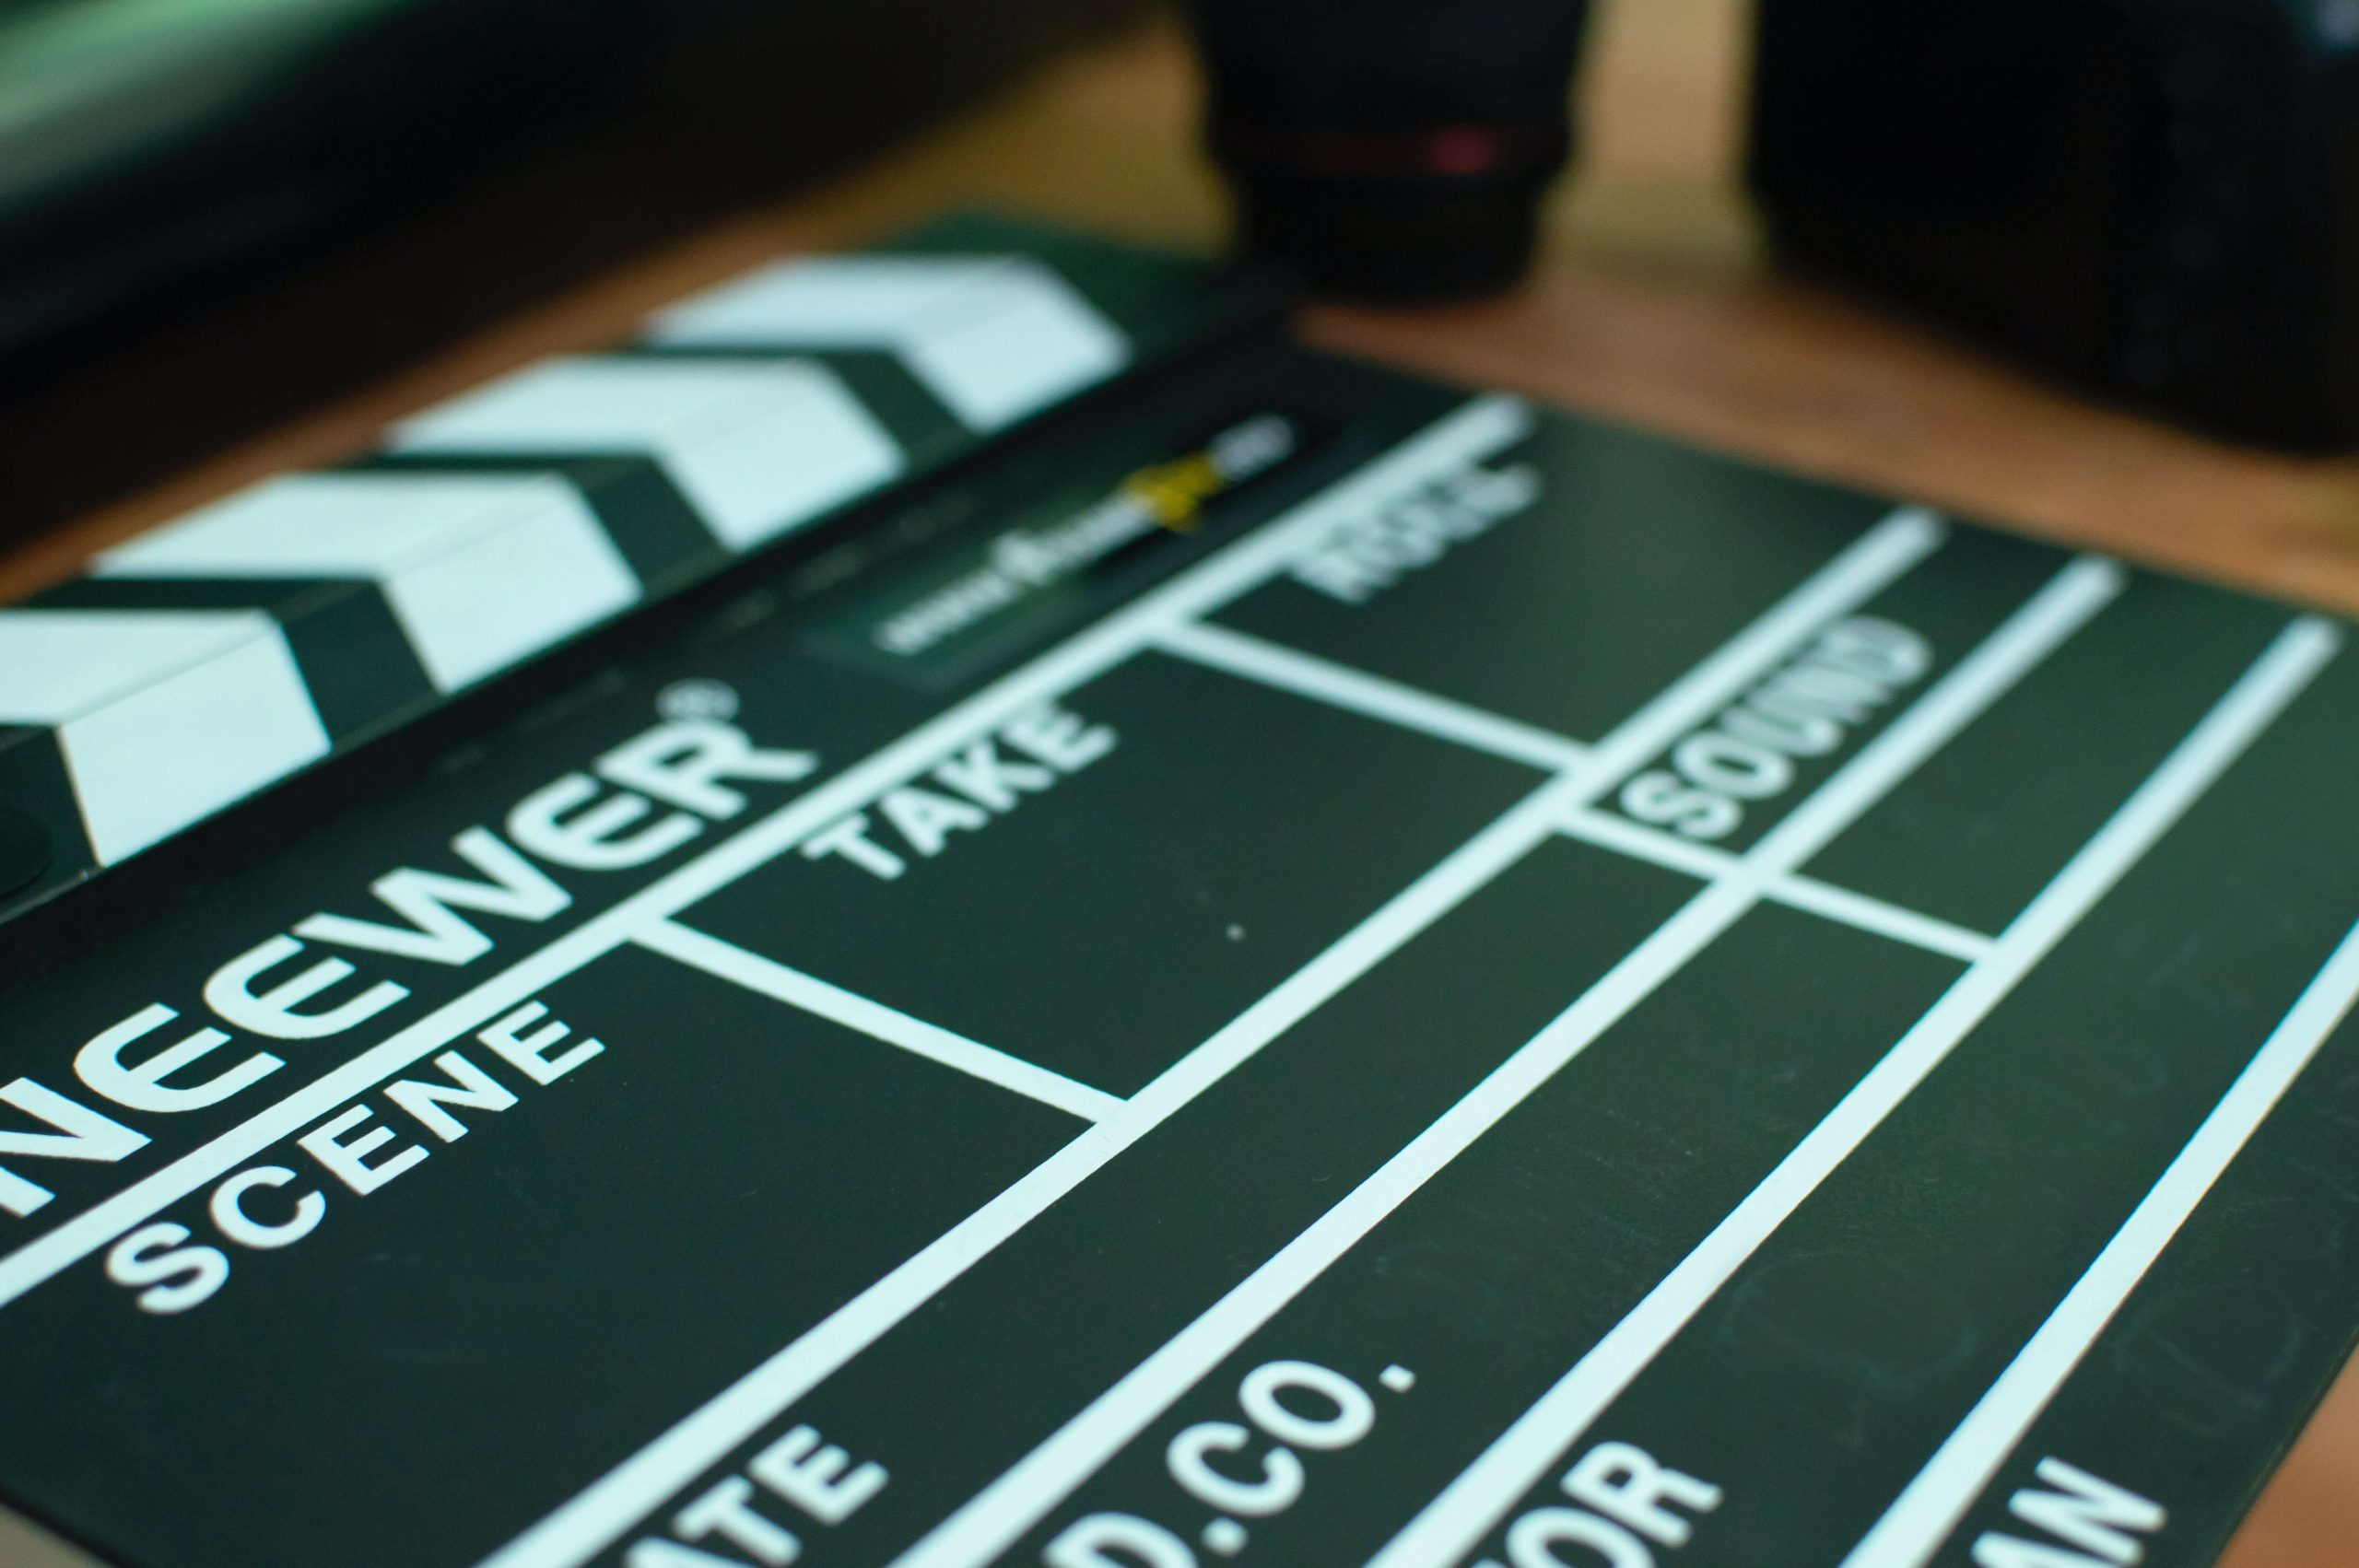 Filmploeg voor wekelijkse video's, boost uw bedrijf!